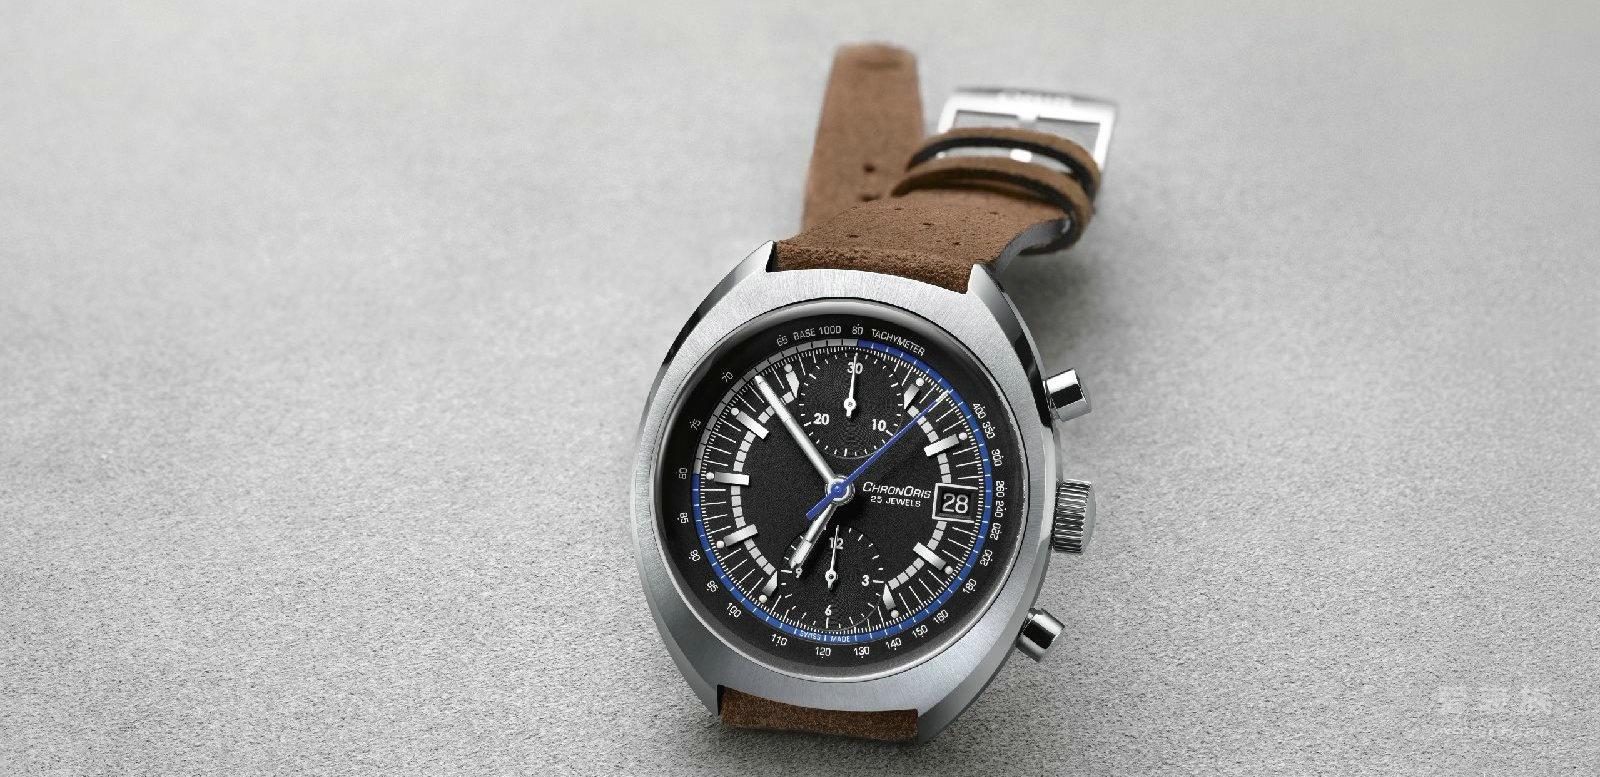 ORIS豪利时推出限量版Chronoris腕表,向F1威廉姆斯车队成立40周年致敬